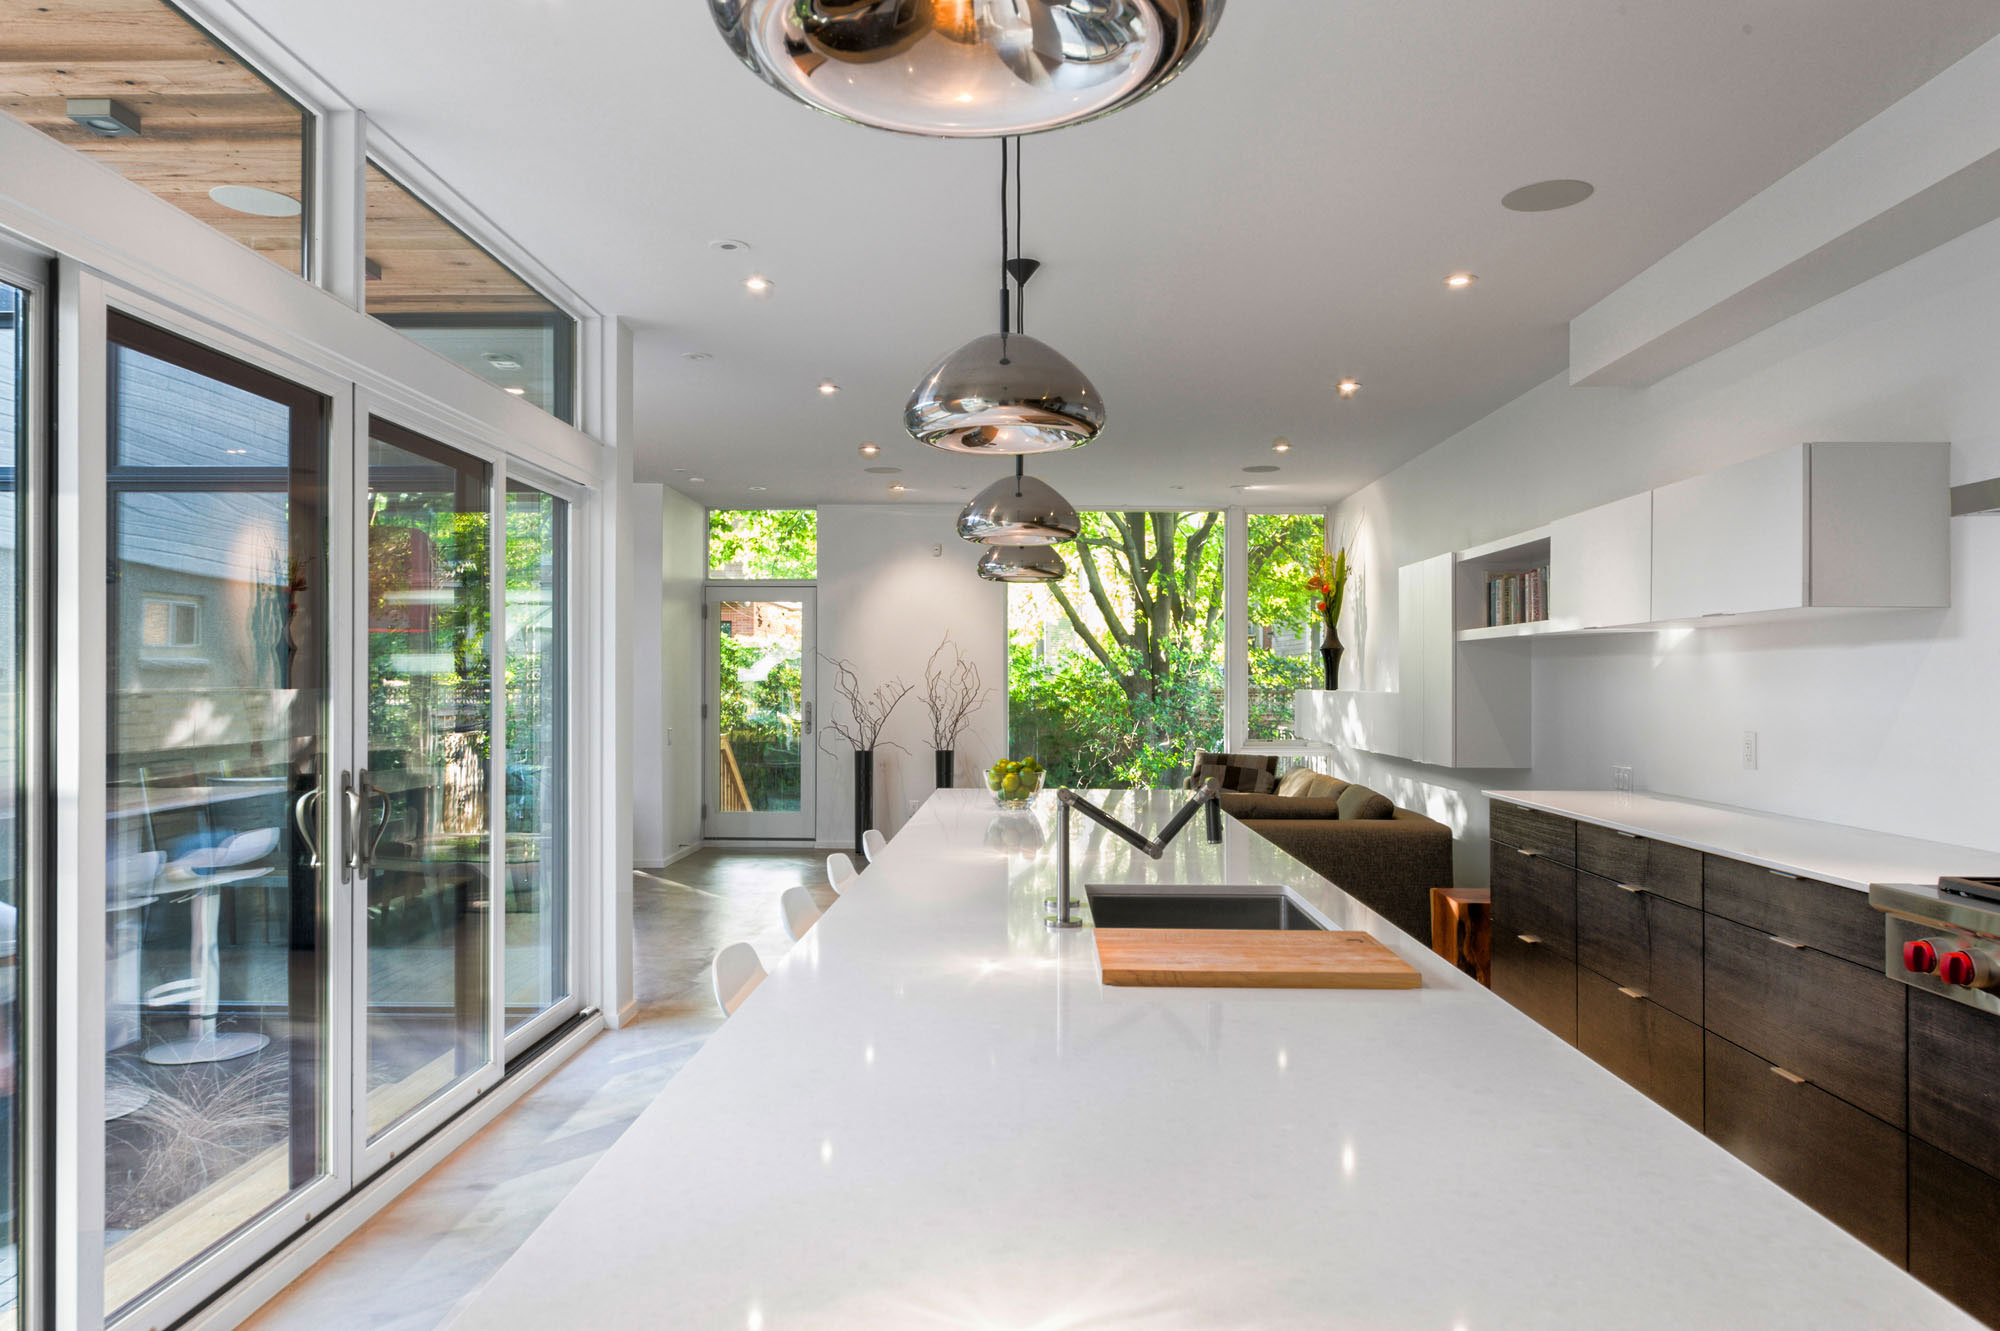 divine-maison-contemporaine-de-2-etage-au-canada-avec-exterieur-beau-design-interieur moderne-avec-table-de-cuisine-blanc-coutertop_house-facades-deux-etage-contemporain_home-decor_home-decore-decorators r